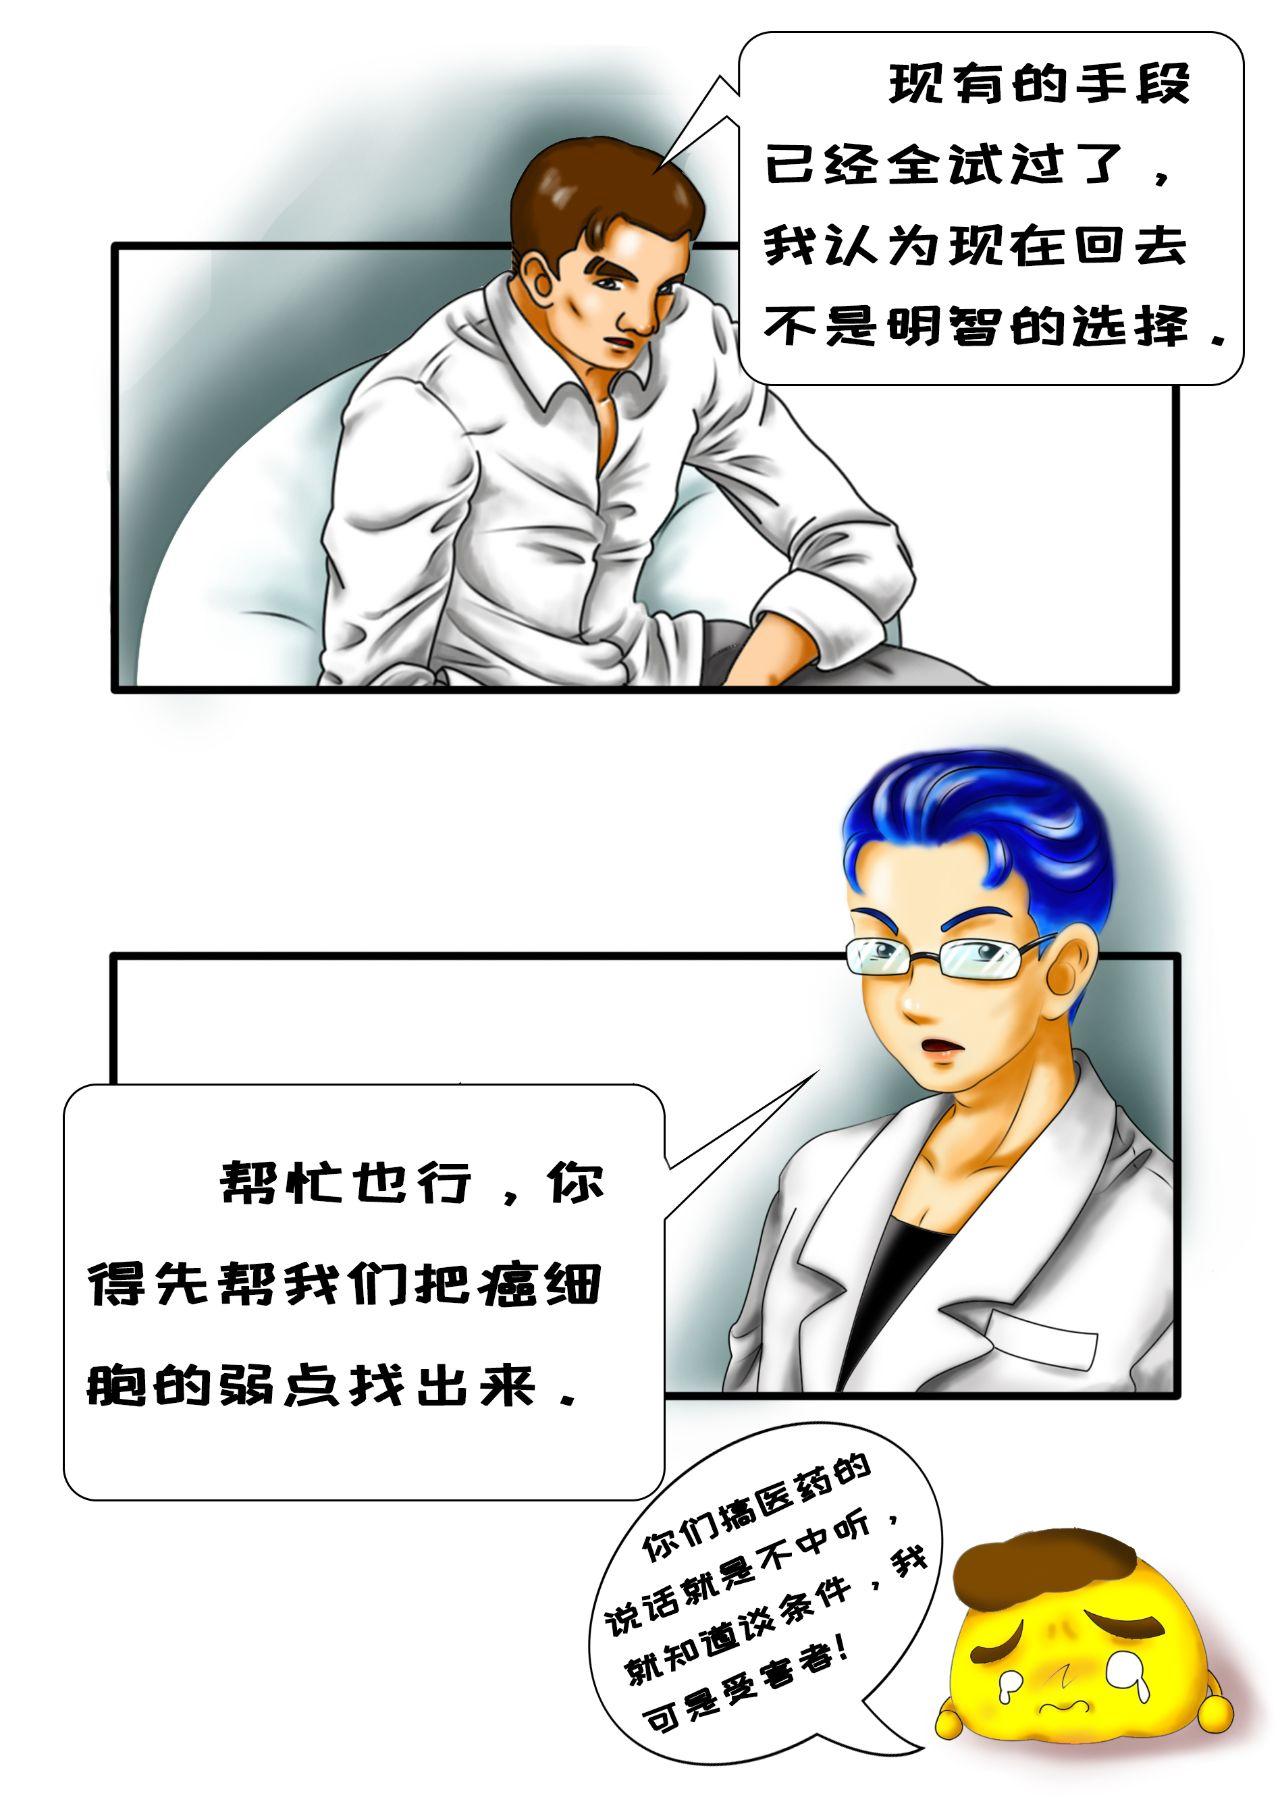 抗癌 靶向治疗